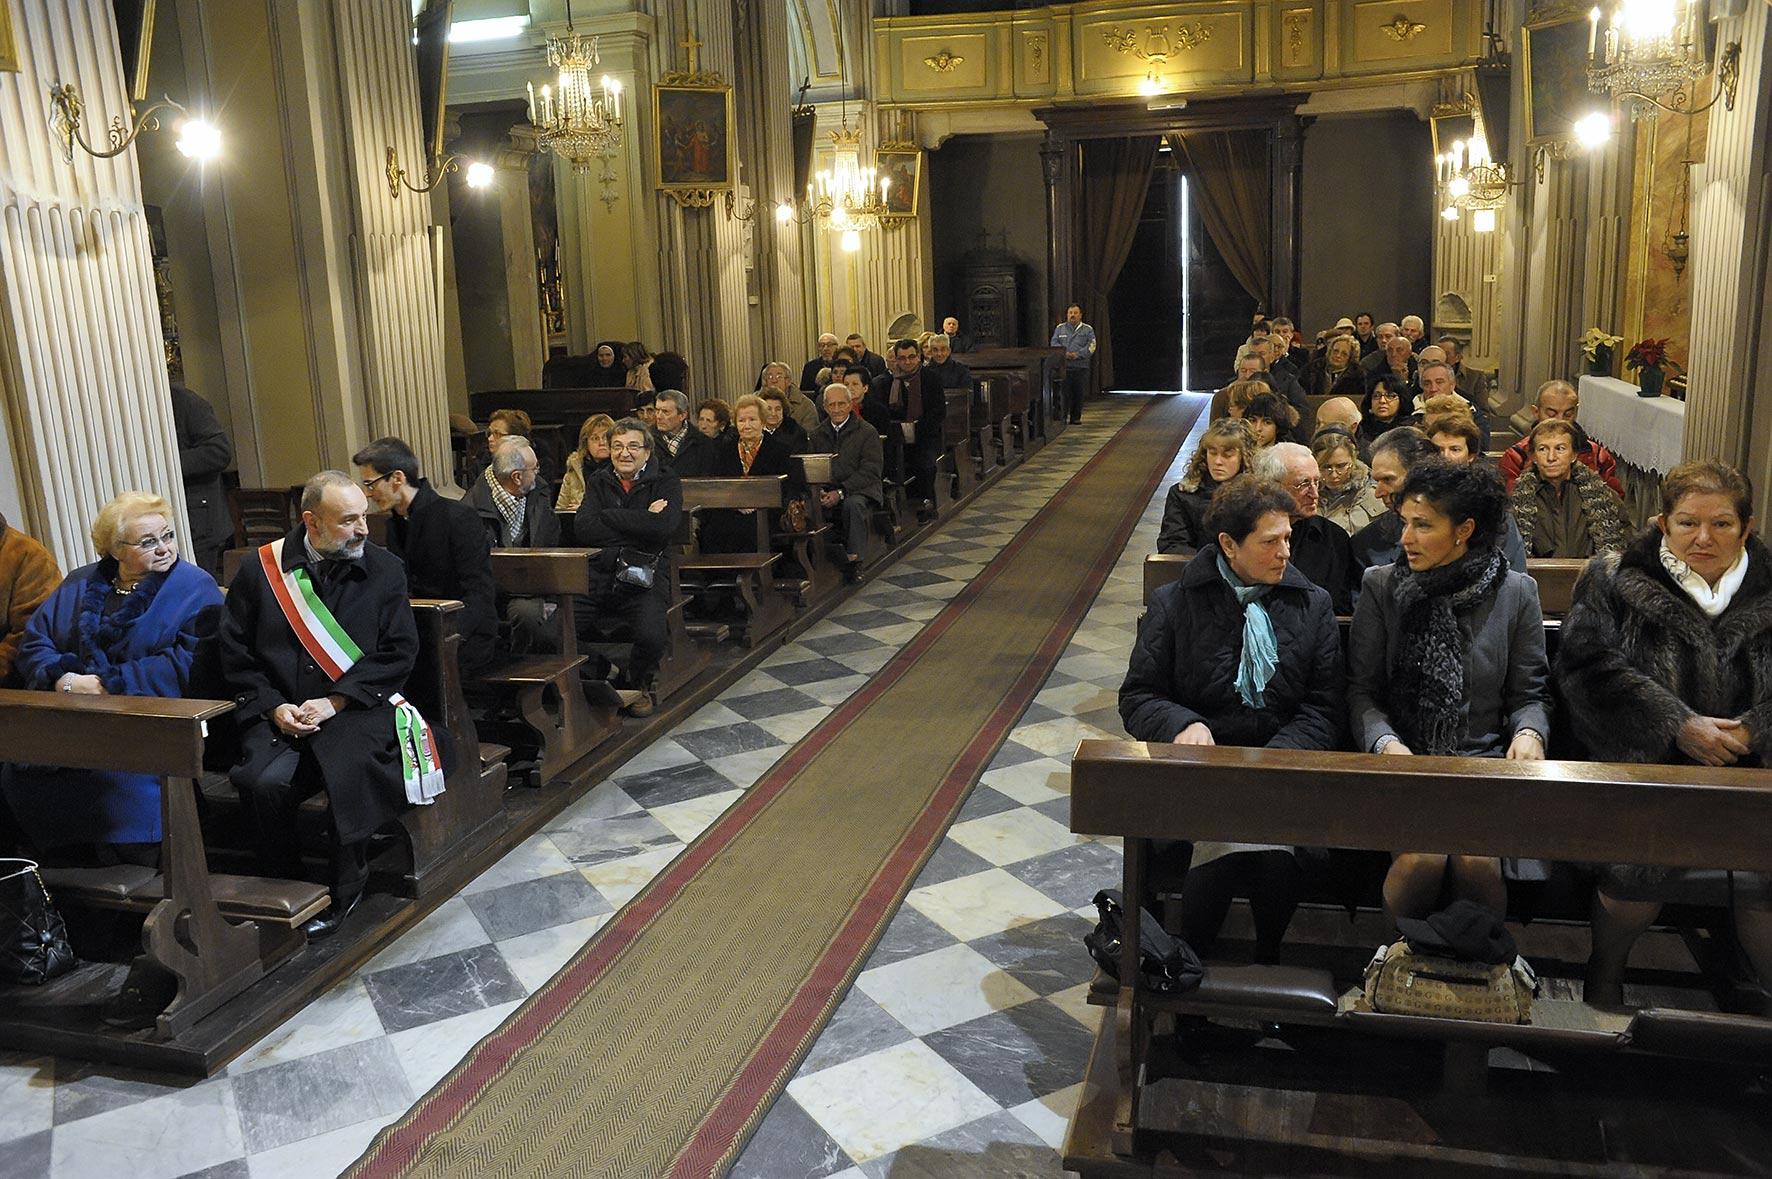 Messa a San Paolo Solbrito in occasione del 90° compleanno di Mons. Visconti